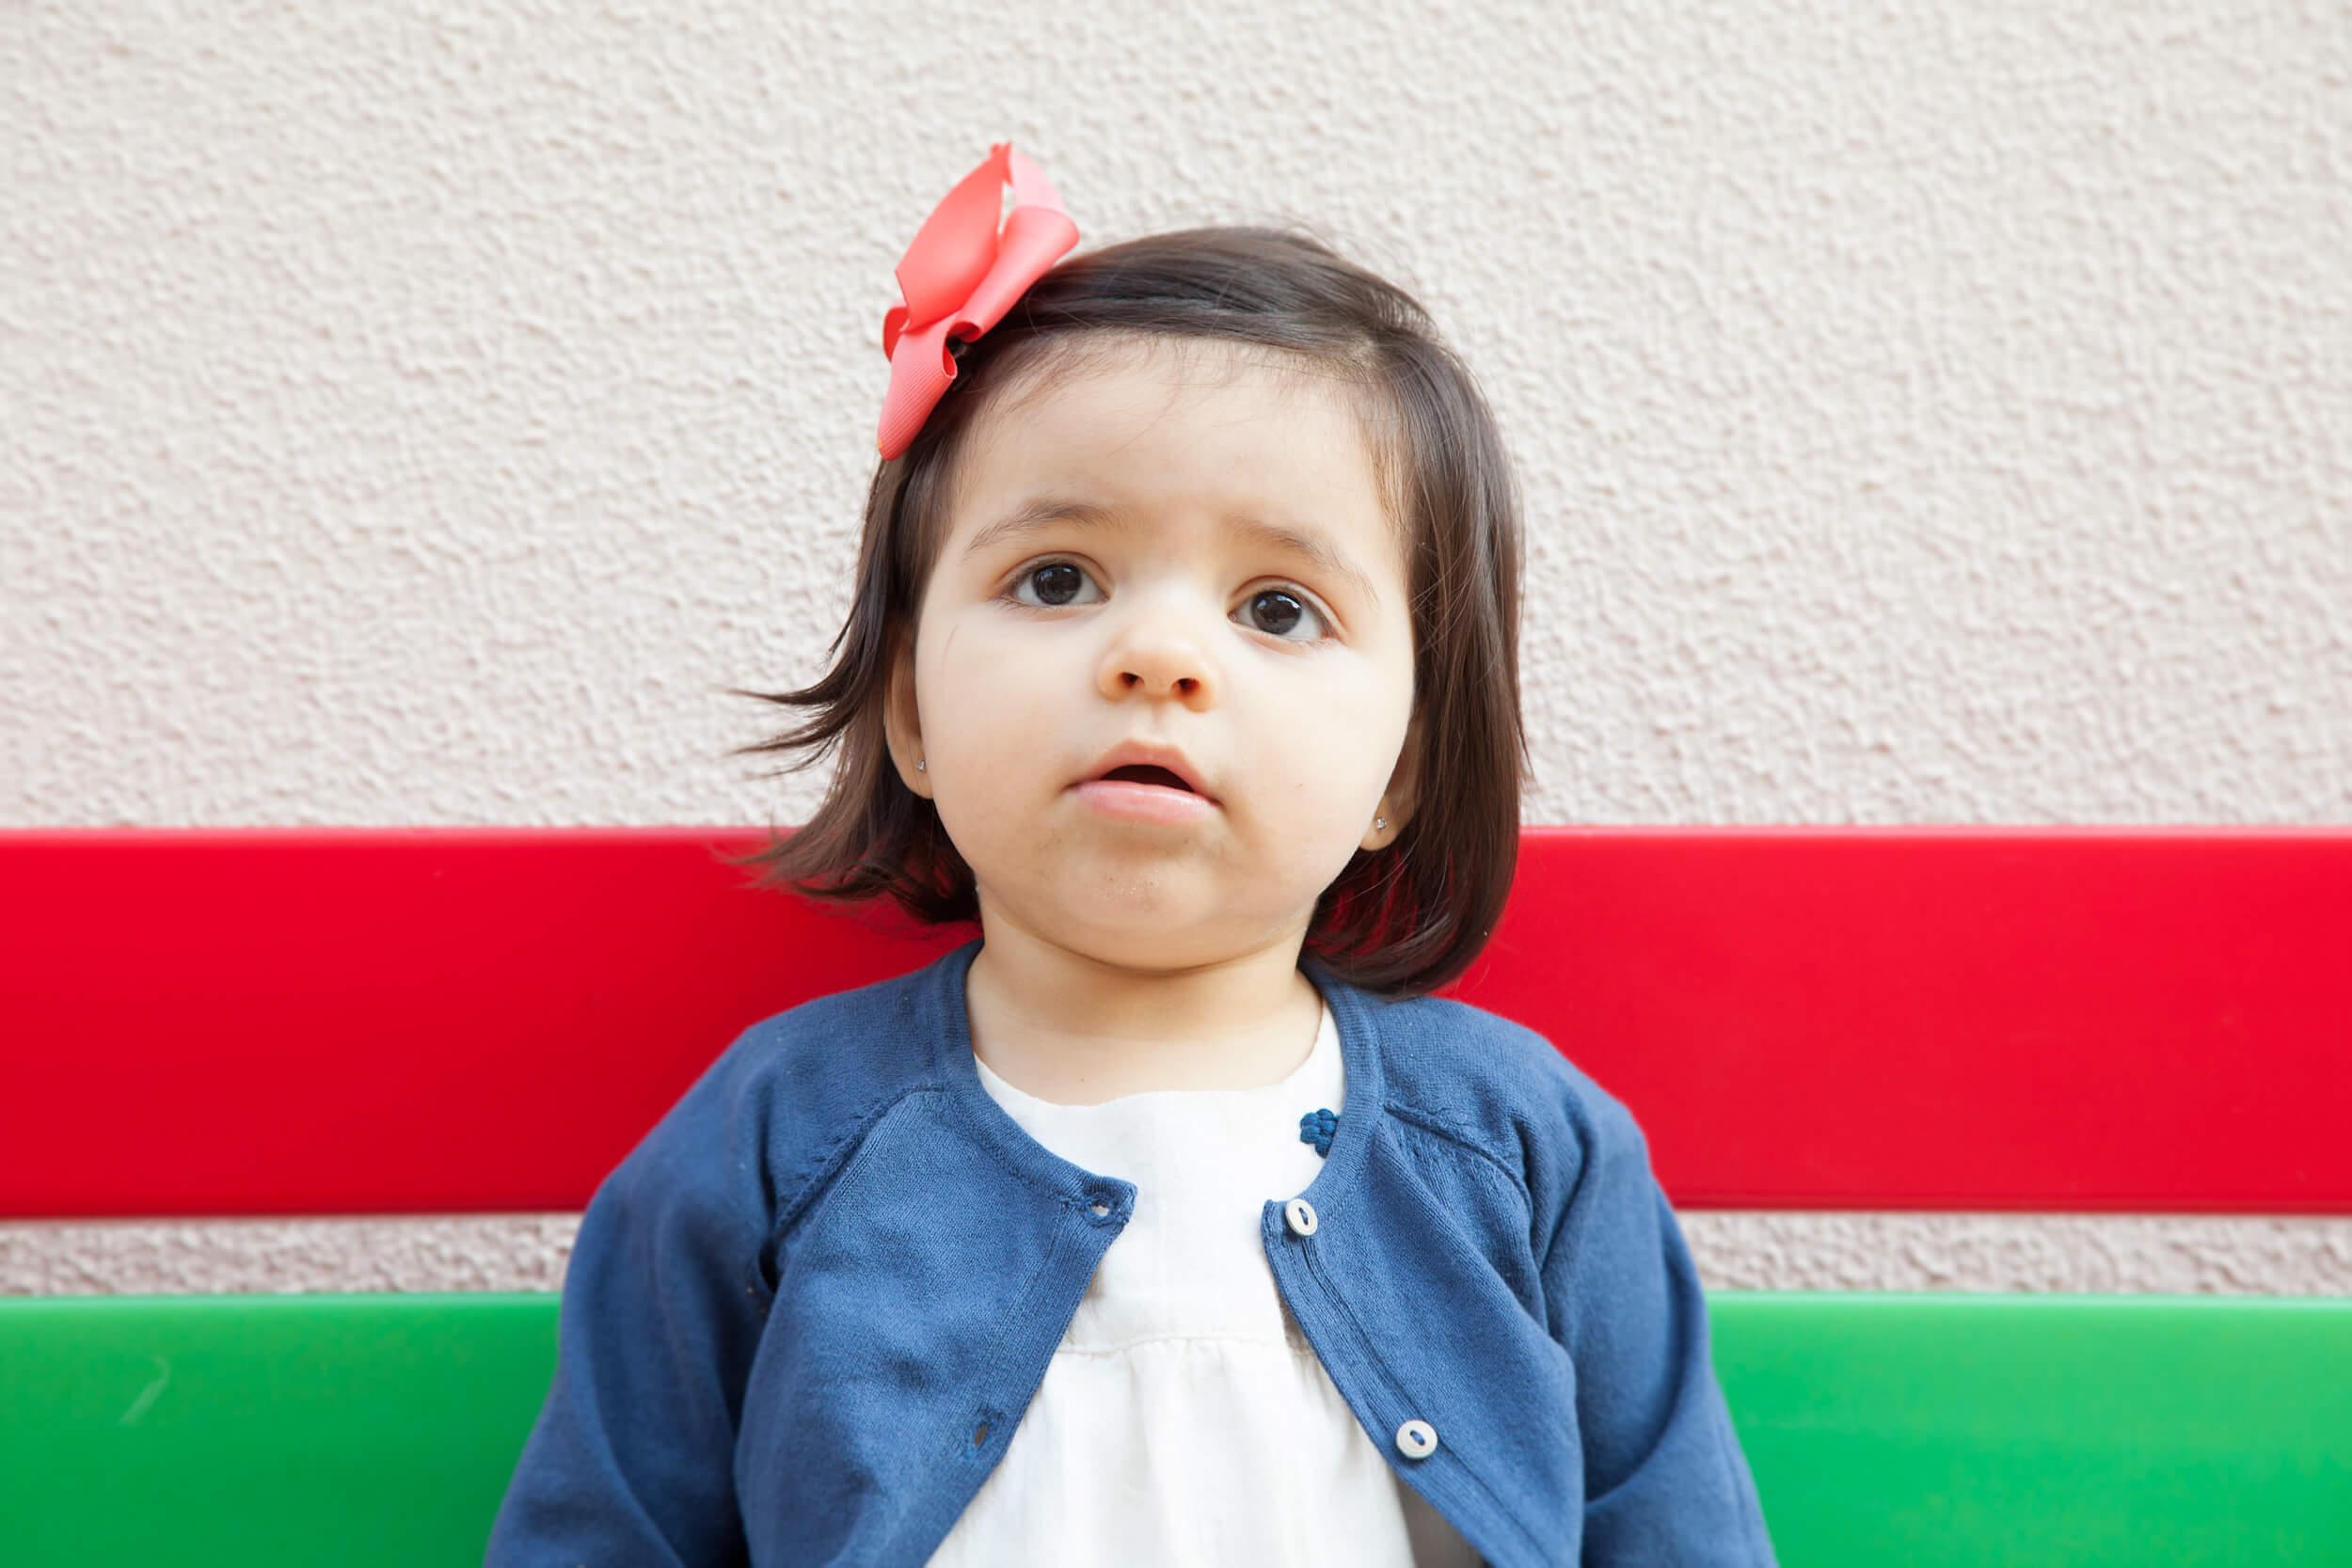 Yolanda Palomo Fotografia_Niños_03.jpg